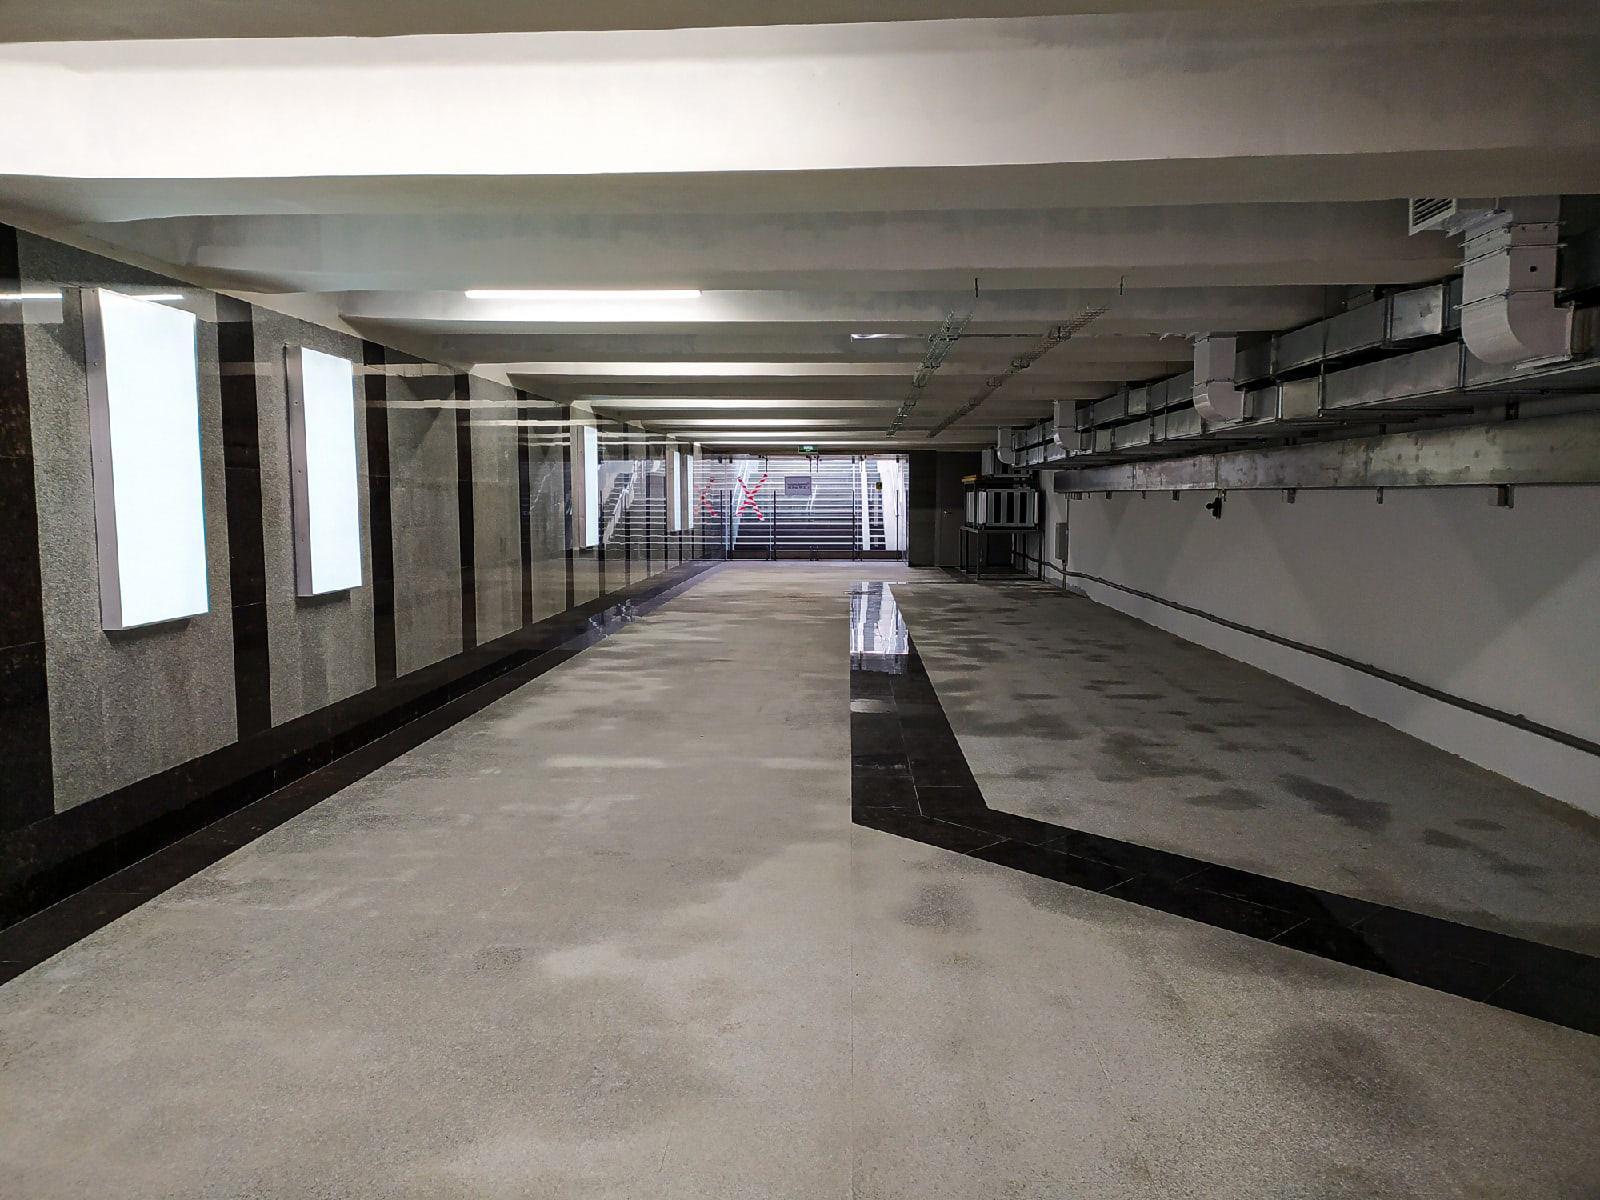 фото Подземный переход открыли на Красном проспекте в Новосибирске: 9 фото после реконструкции 6